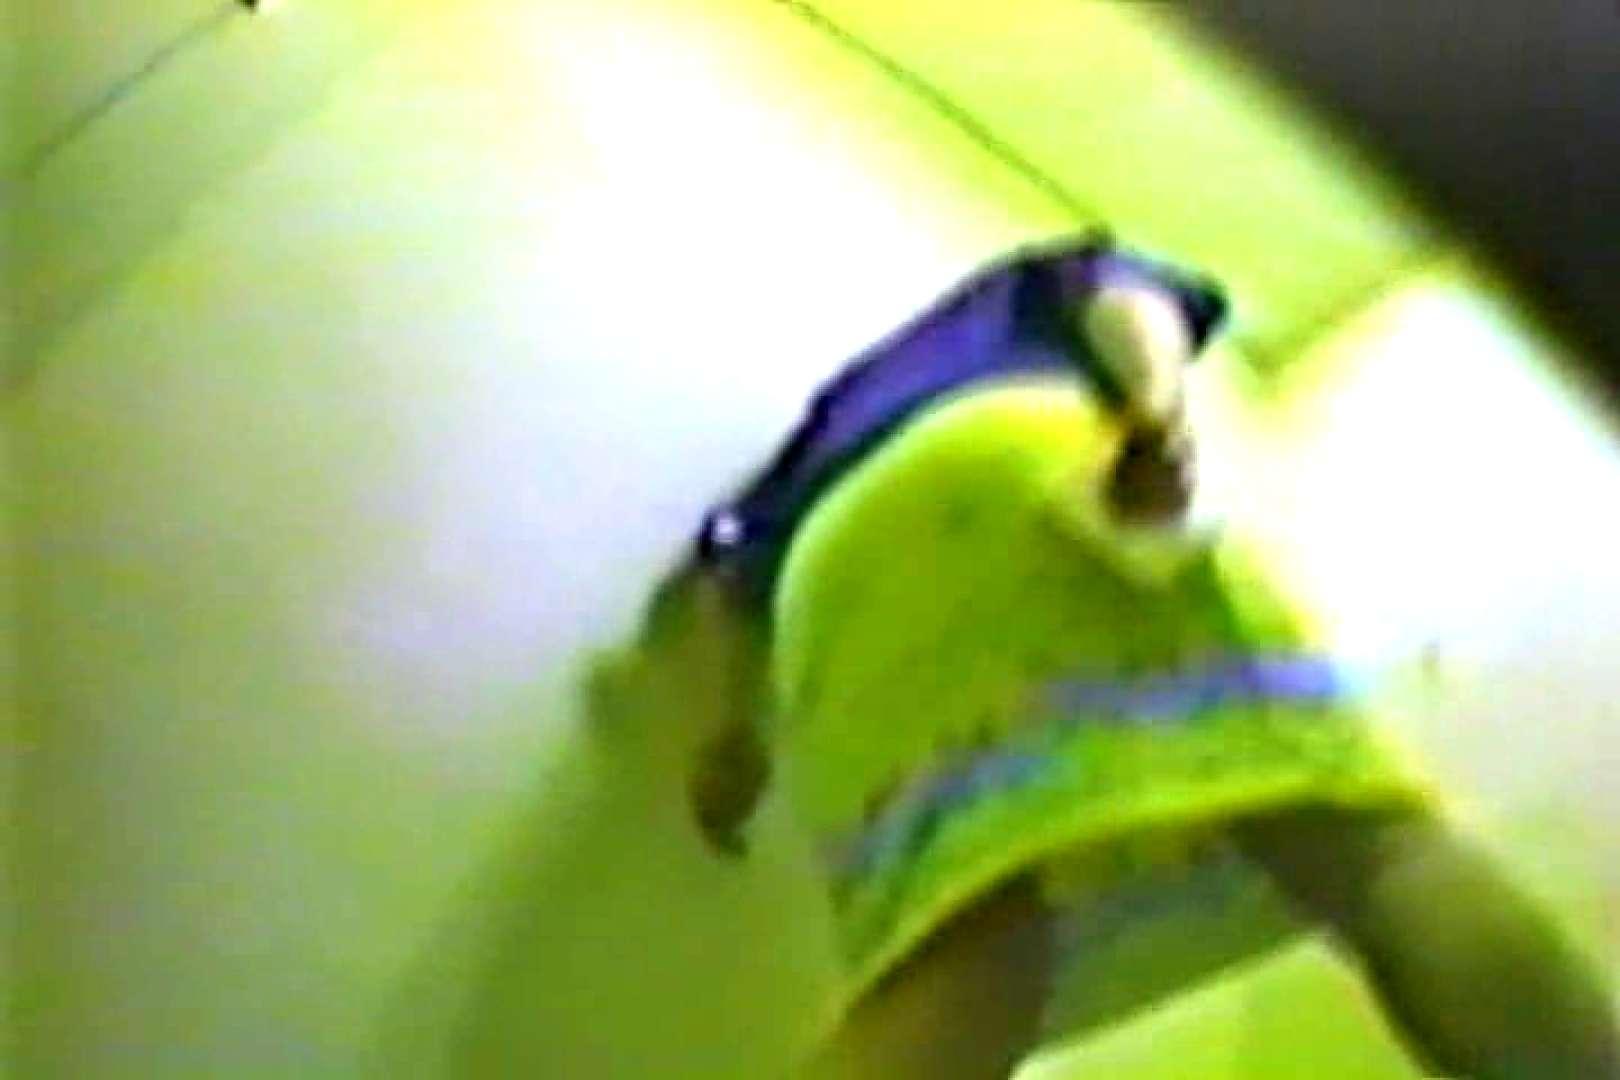 個室狂いのマニア映像Vol.1 おまんこ無修正  95画像 57